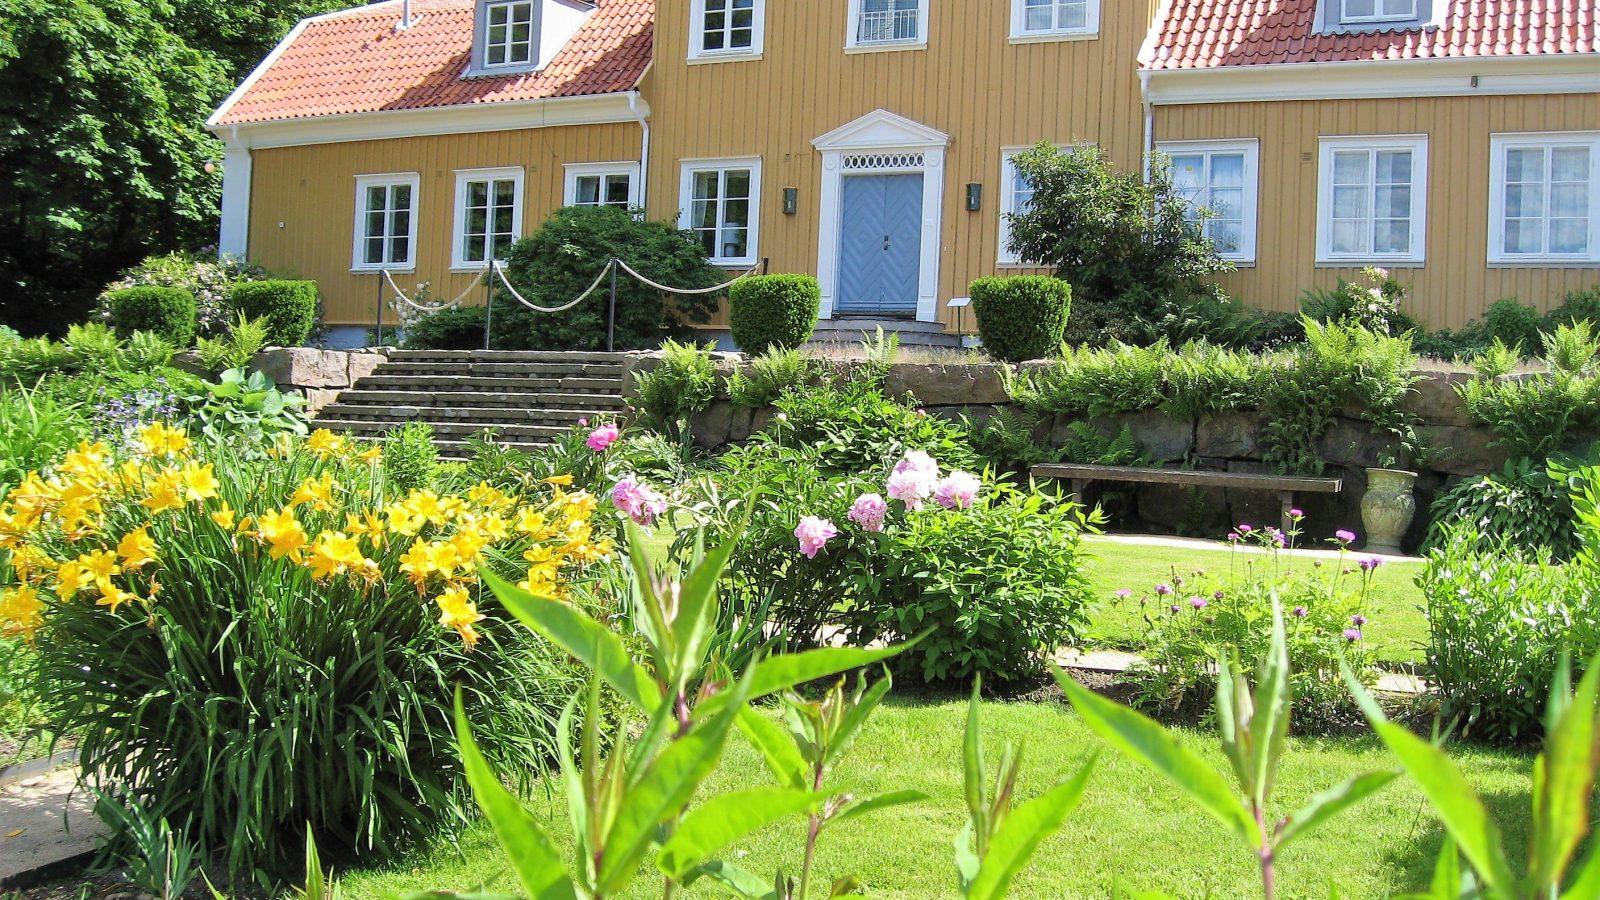 På utflukt til Gøteborgs botaniske Hage - Hovedhuset med hage foran